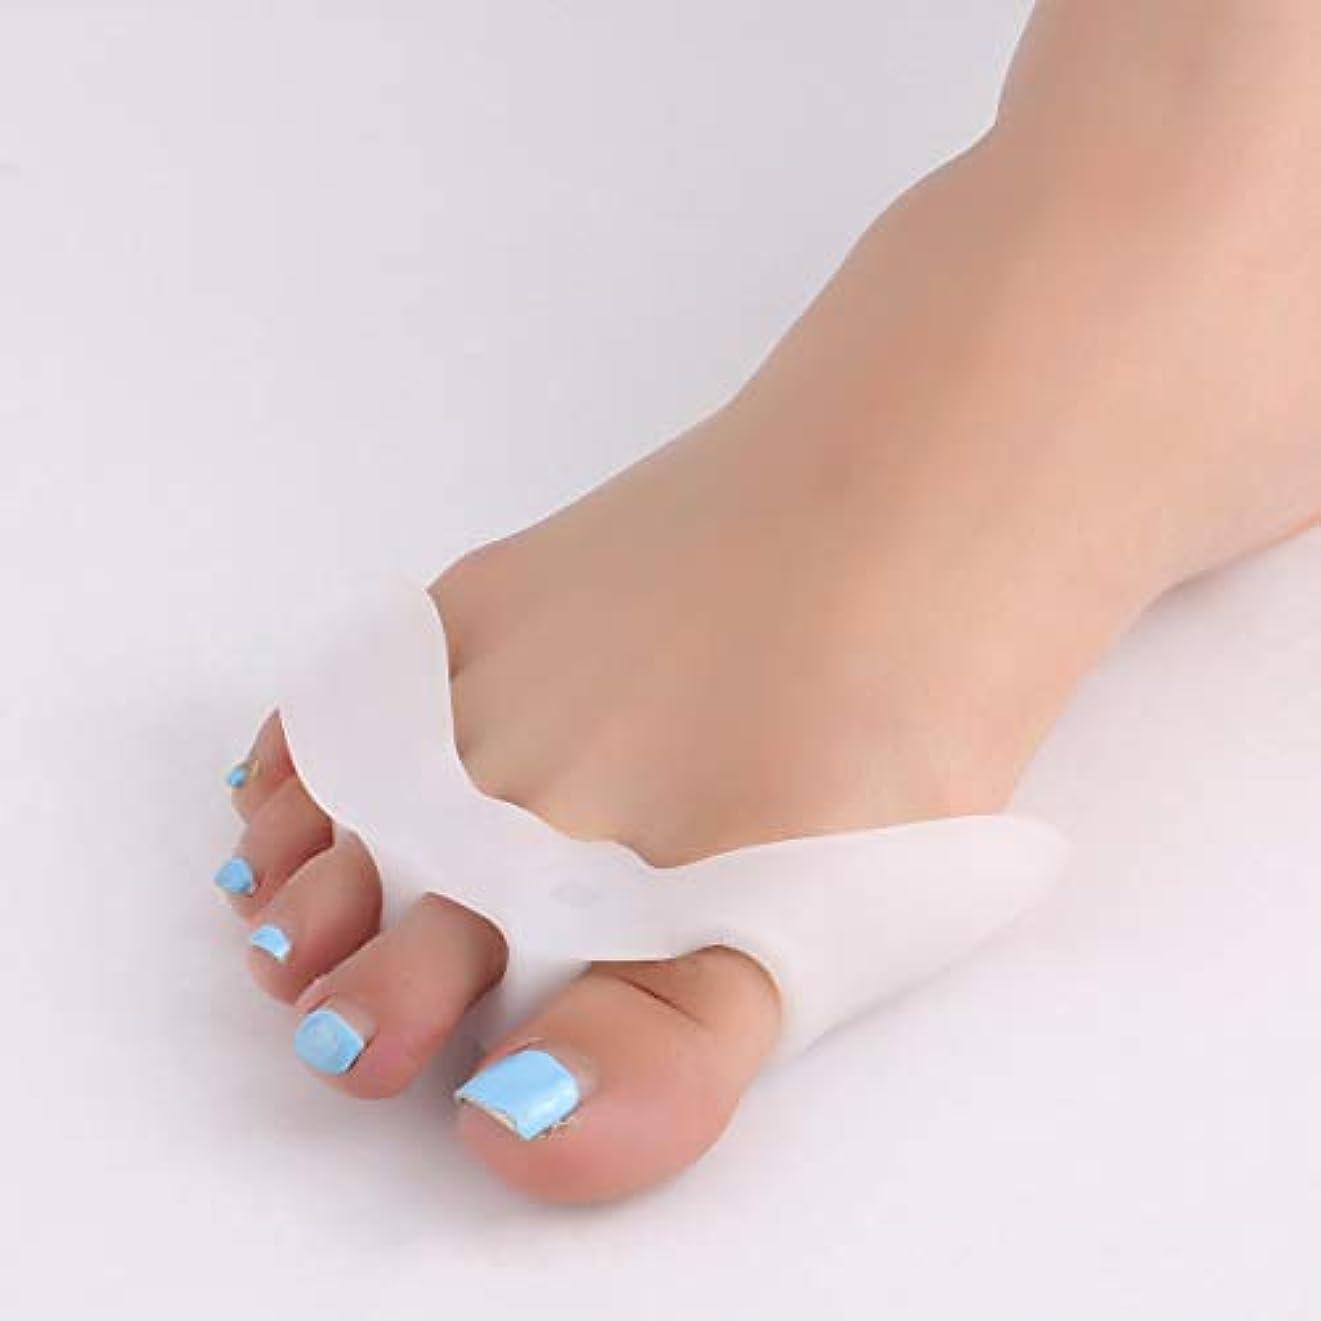 脈拍タイヤ種をまく1 Pair Silicone Toe Separator with 5 Holes Feet Care Braces Supports Tools Bunion Guard Foot Hallux Valgus